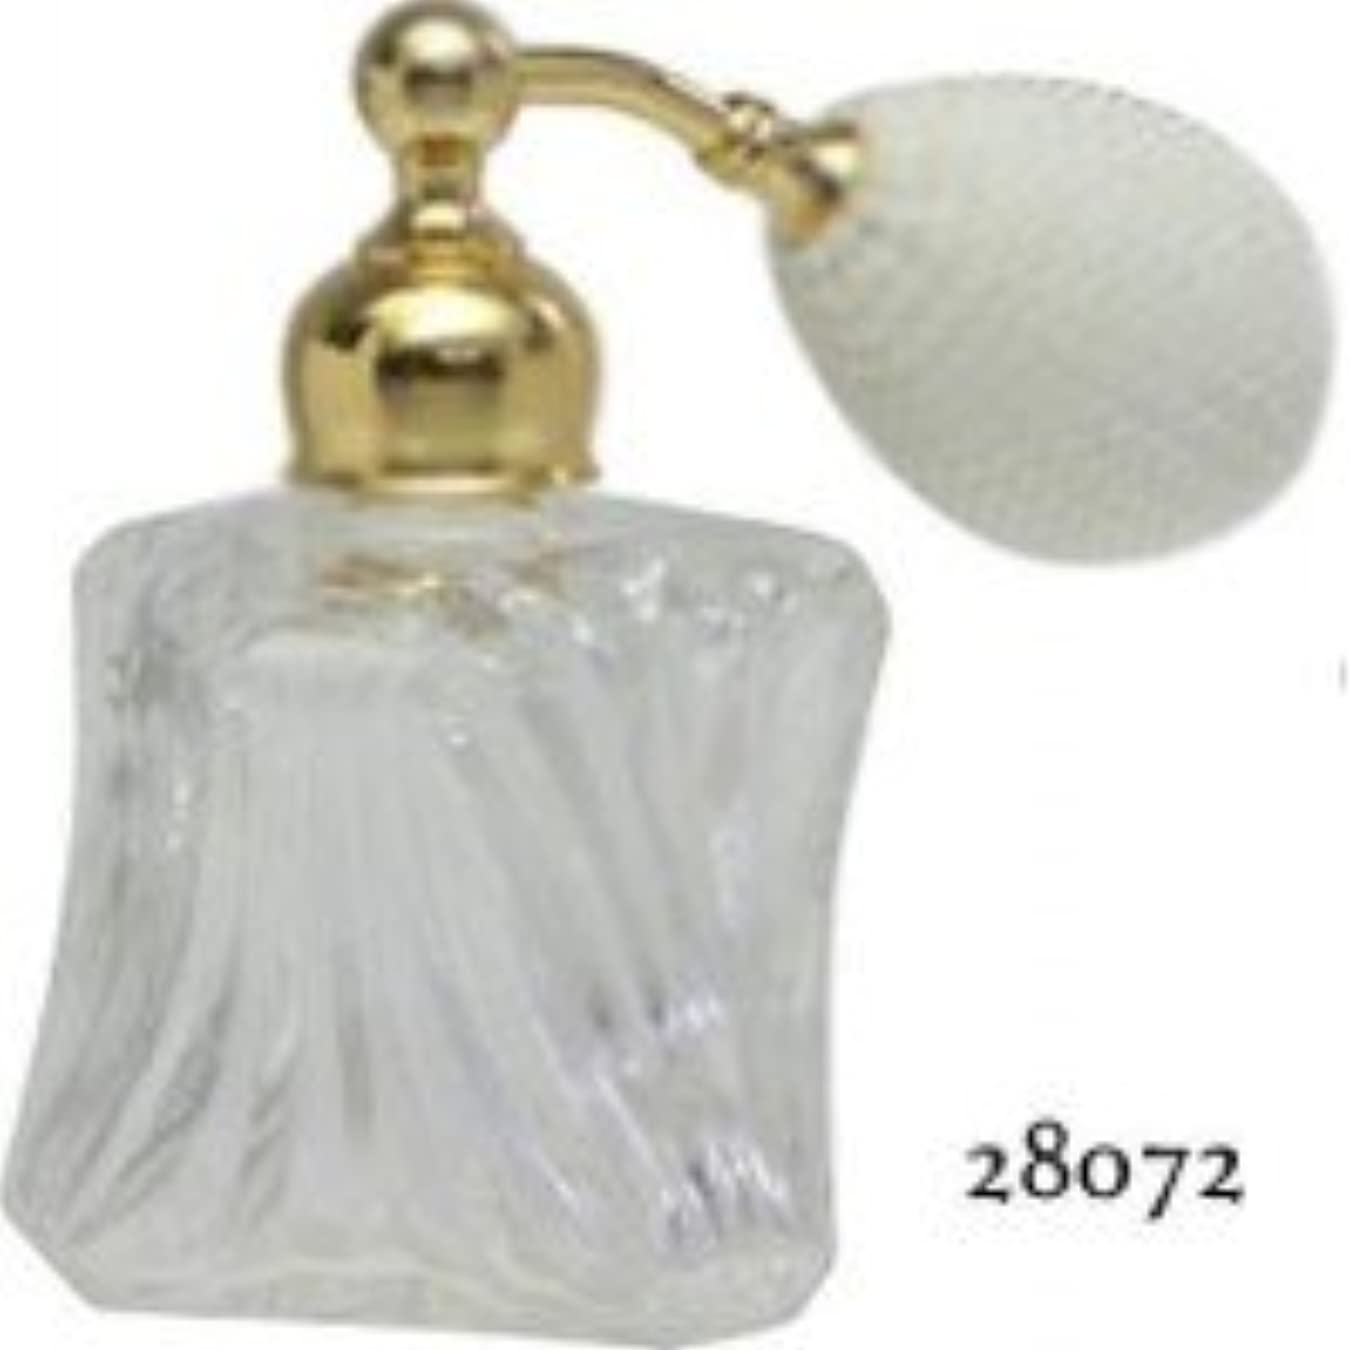 実り多い怒り戸口ドイツ製クリスタル香水瓶リードクリスタル 長